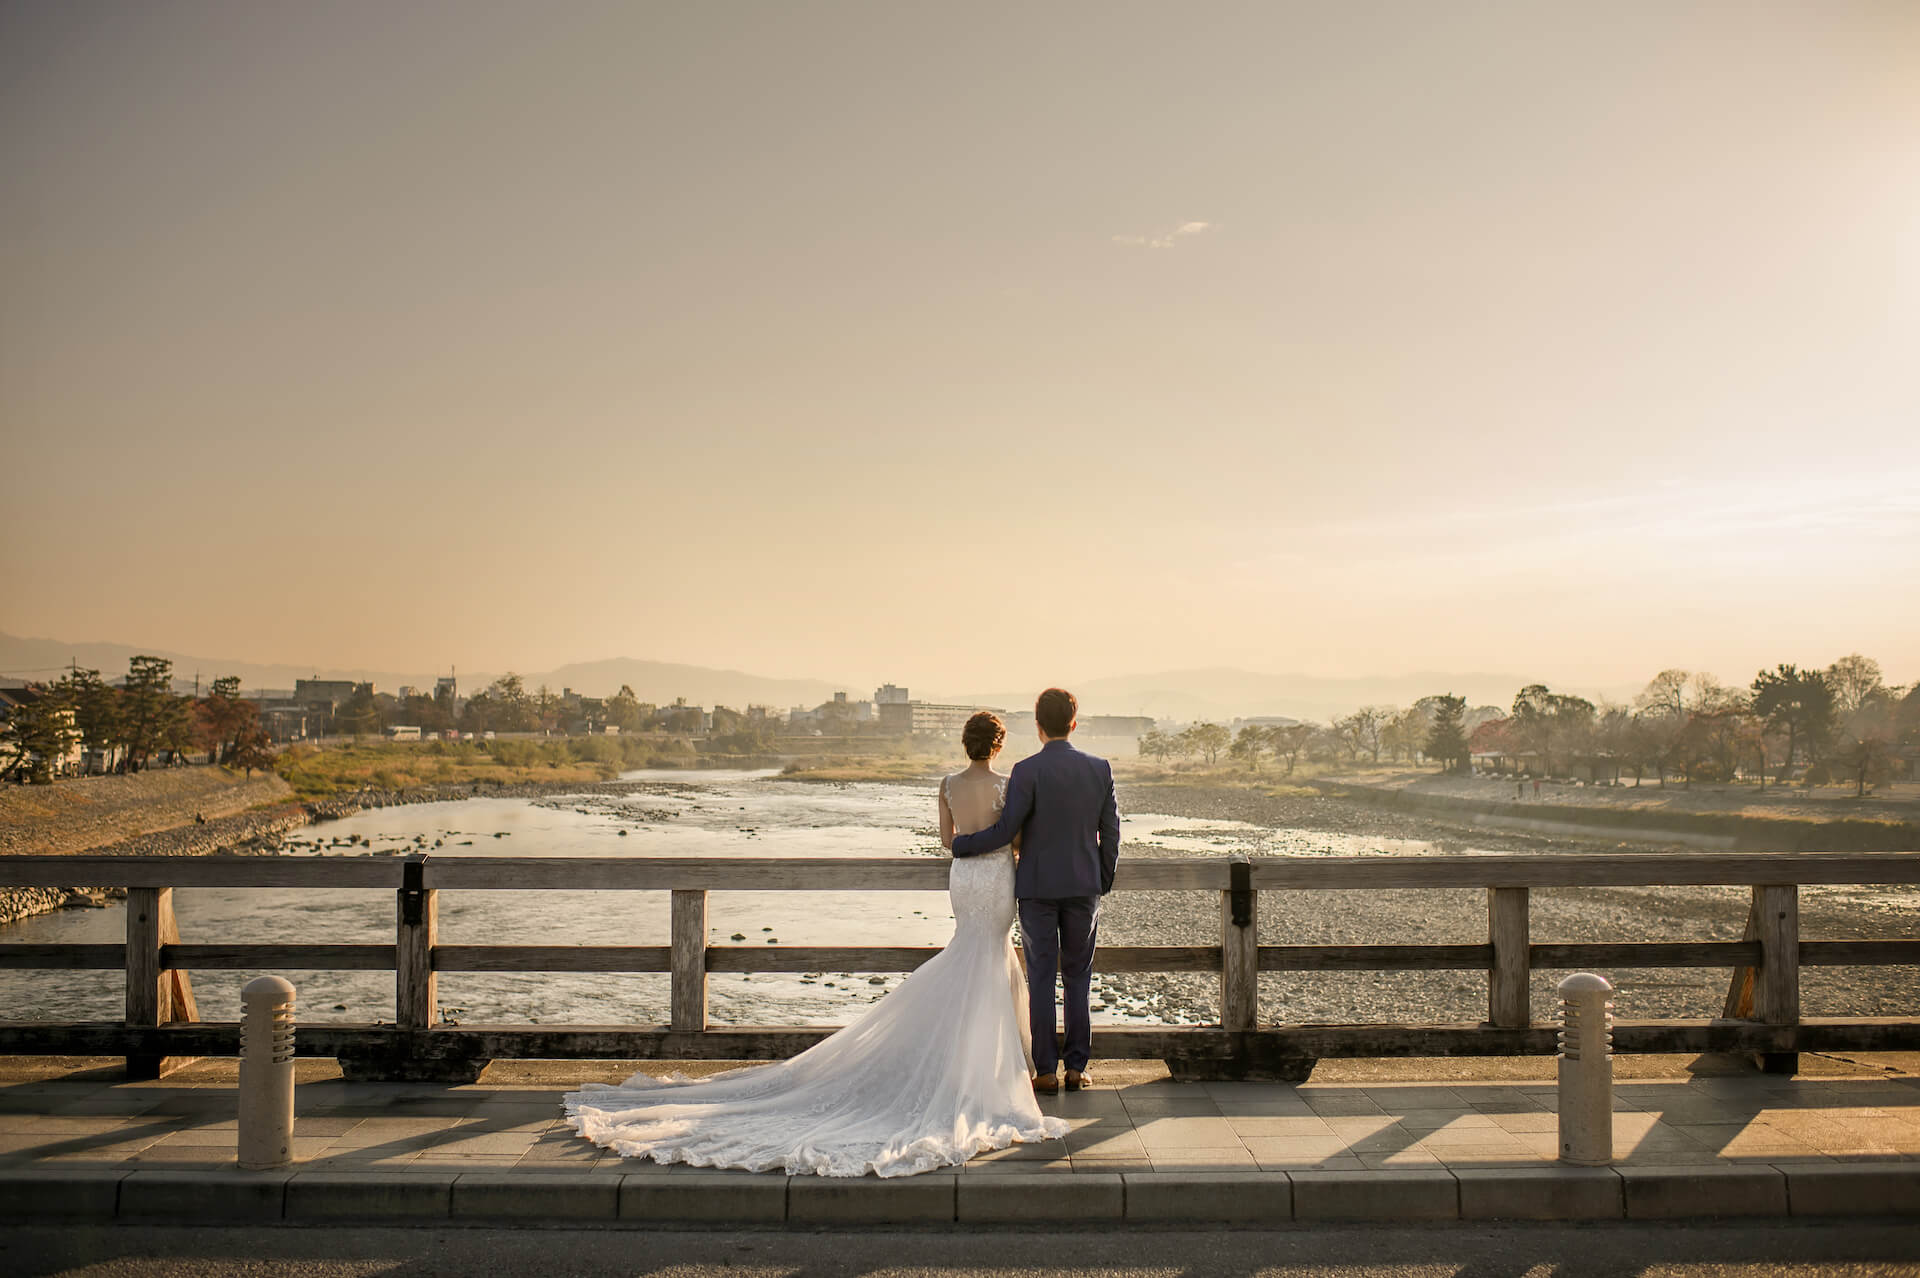 京都婚紗,嵐山婚紗,日本婚紗,嵐山渡月橋